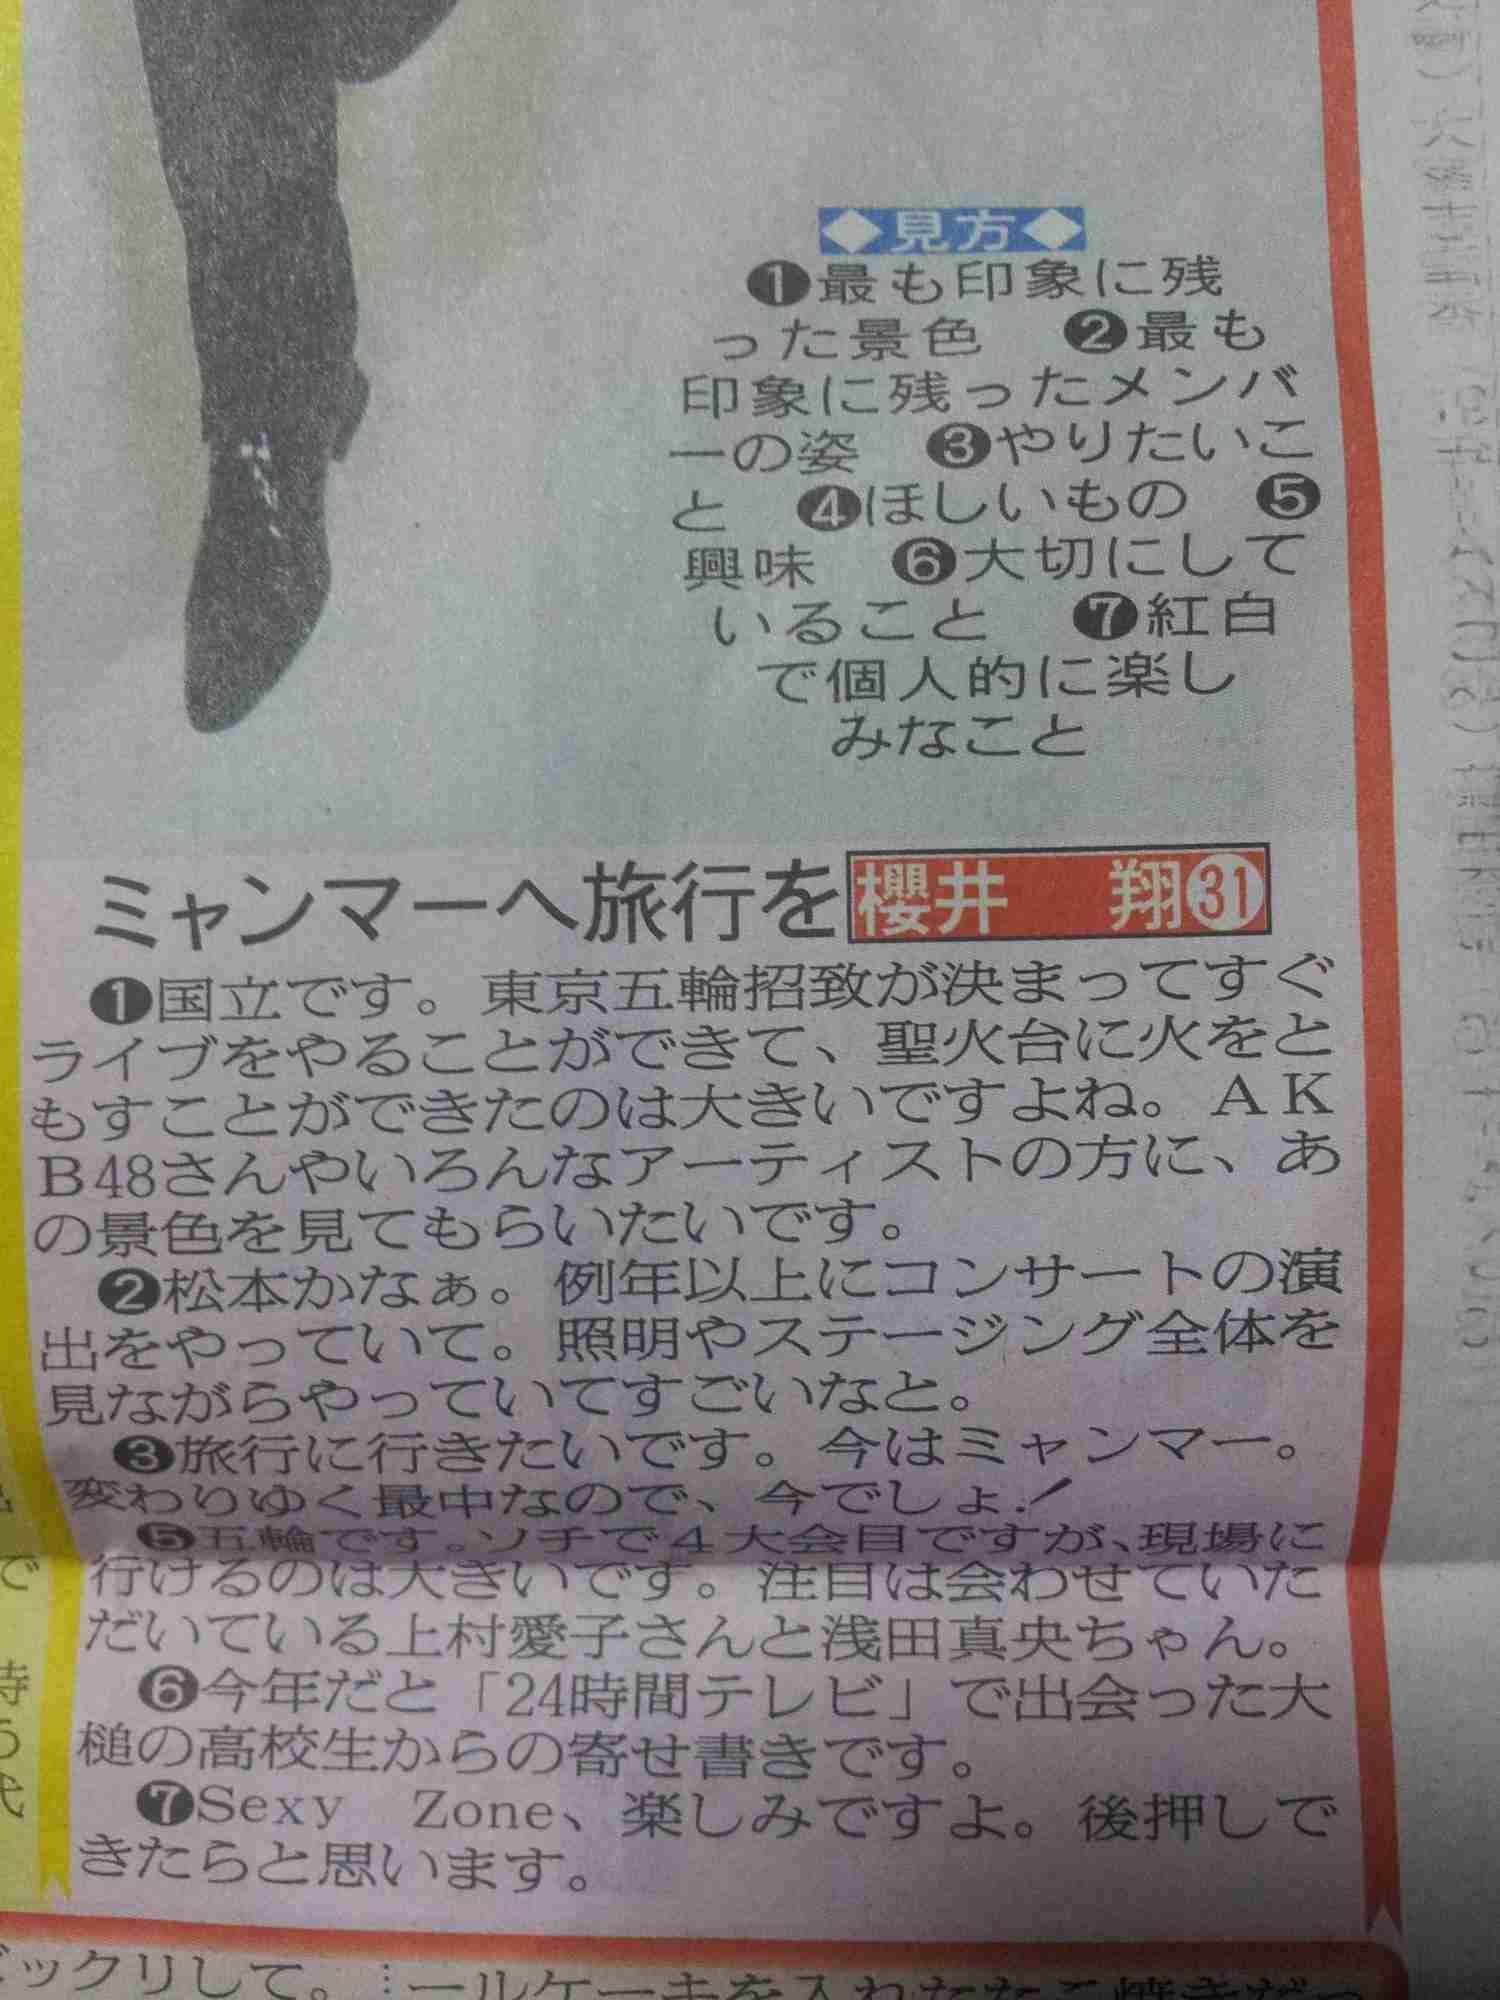 嵐・櫻井翔「国立の景色をAKB48にも見てほしい」